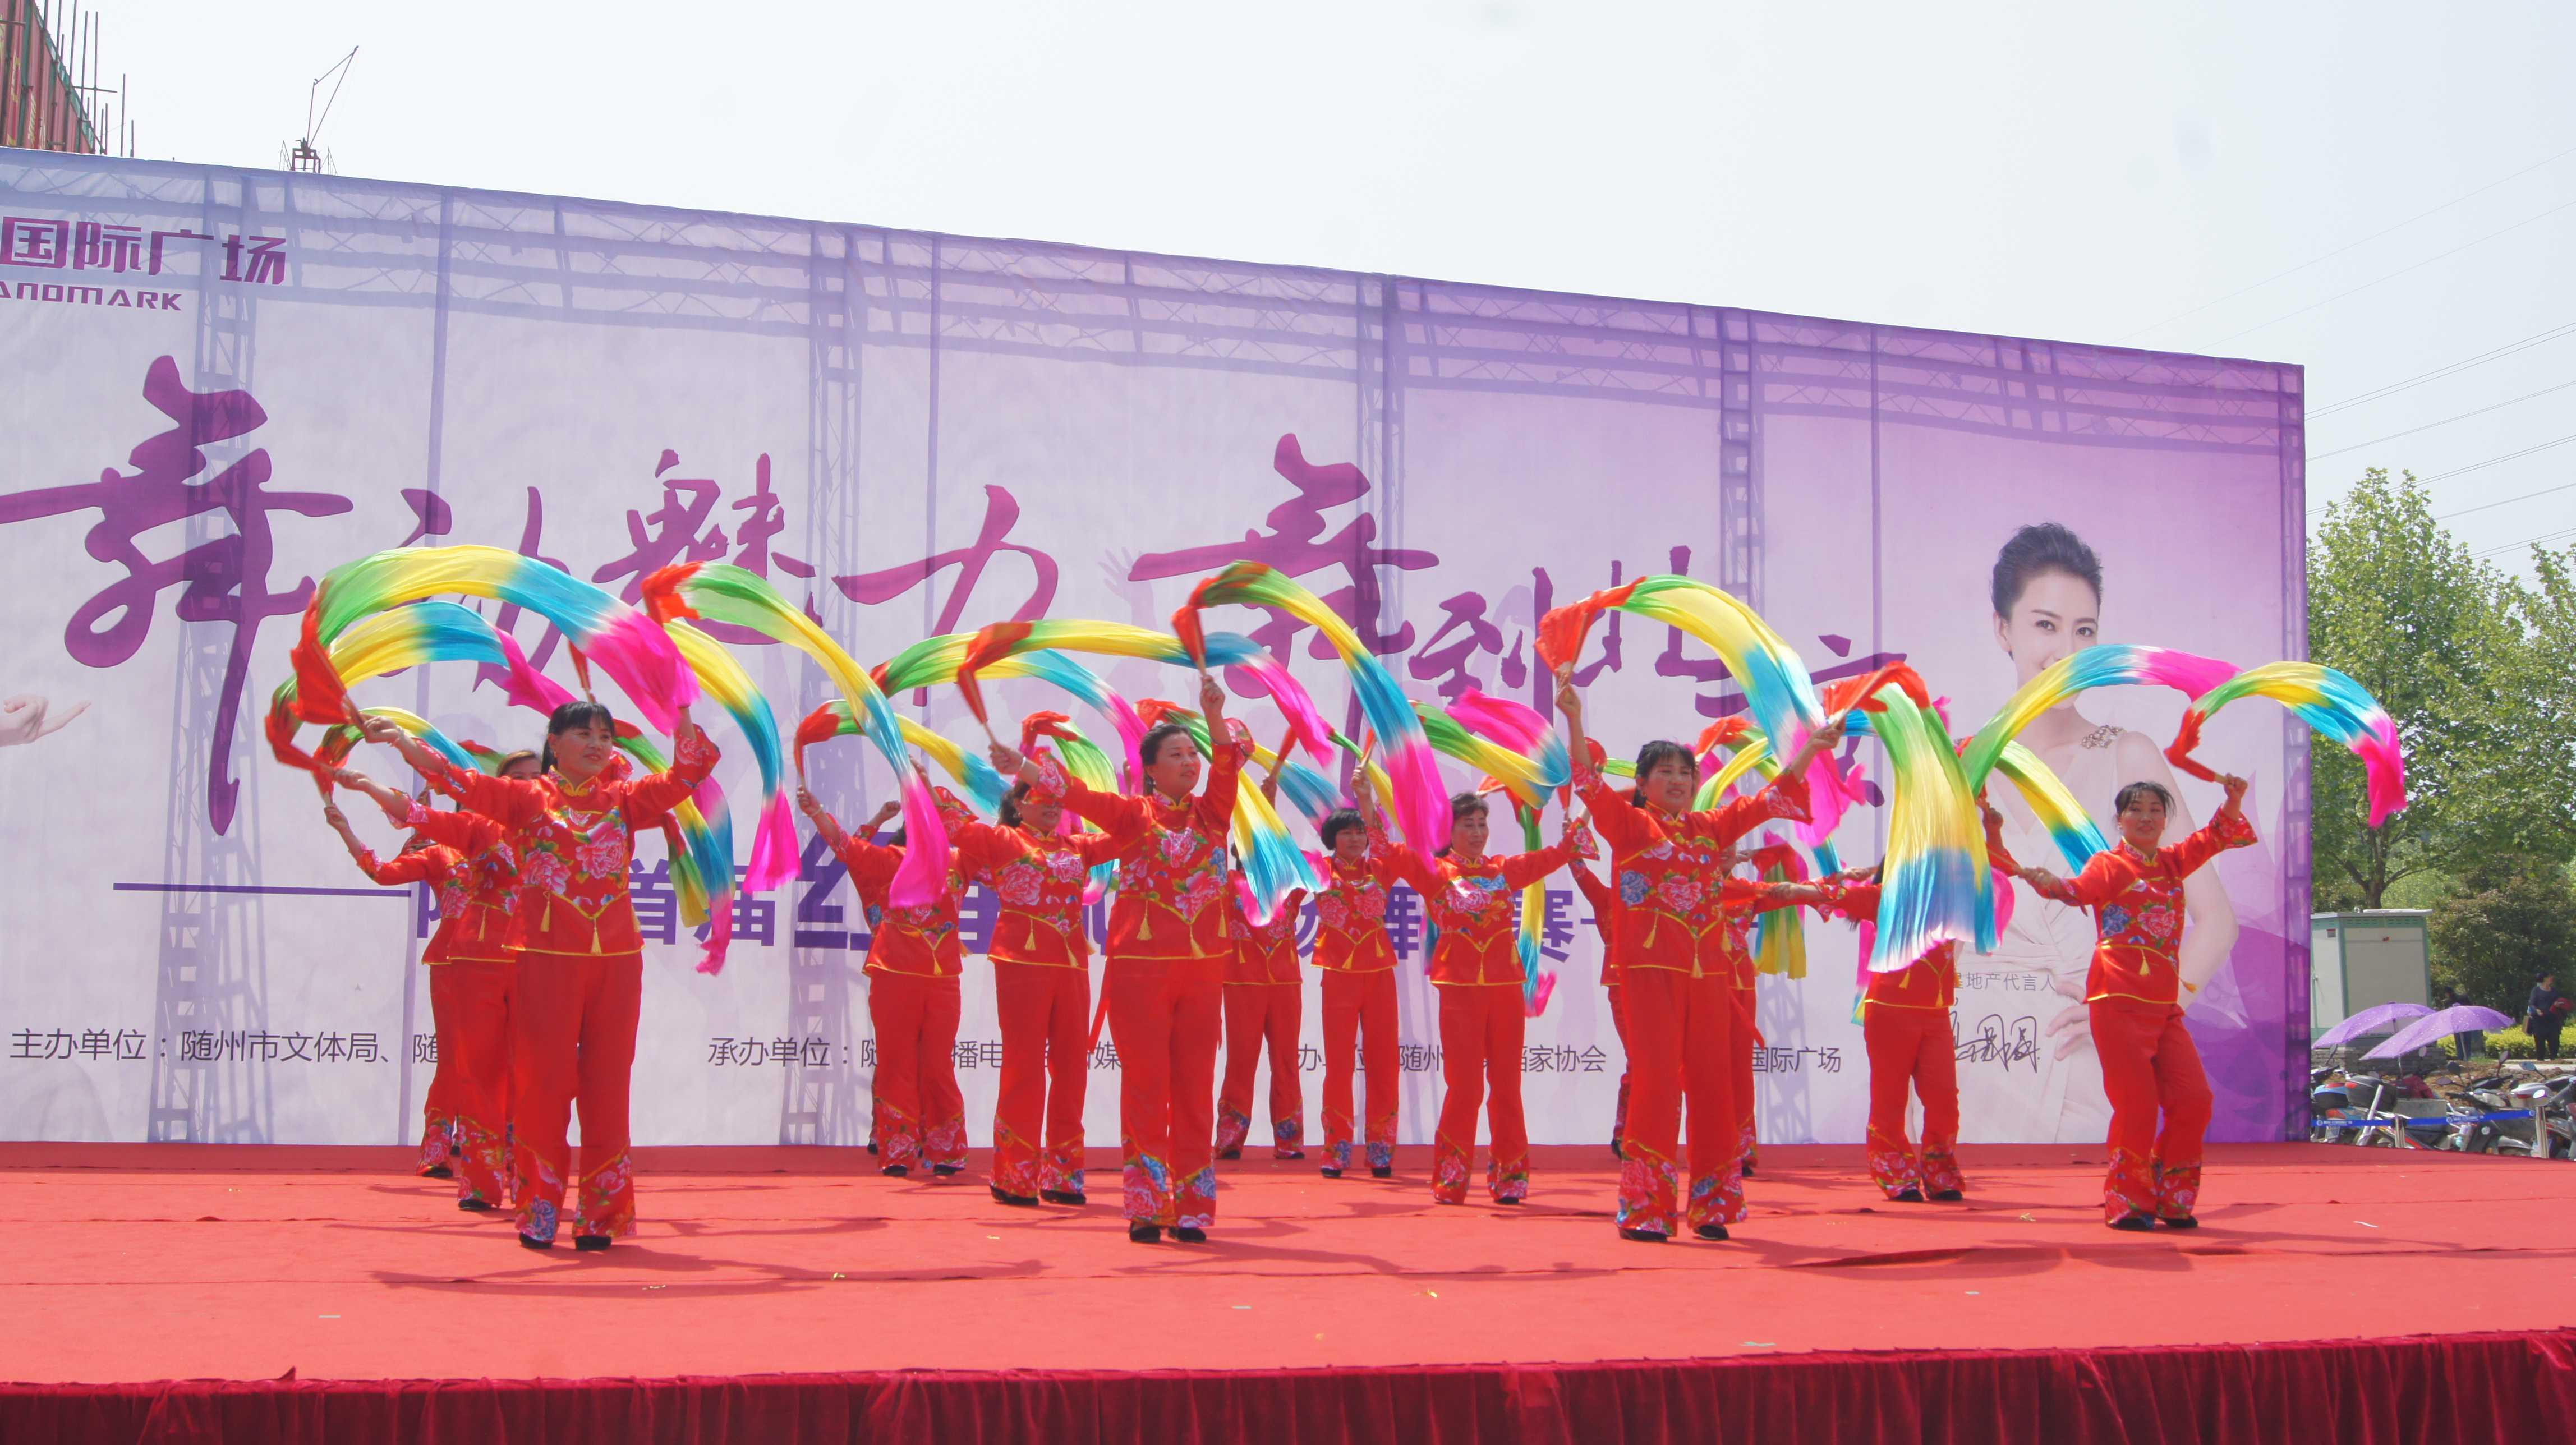 凤凰广场舞蹈队《张灯结彩》